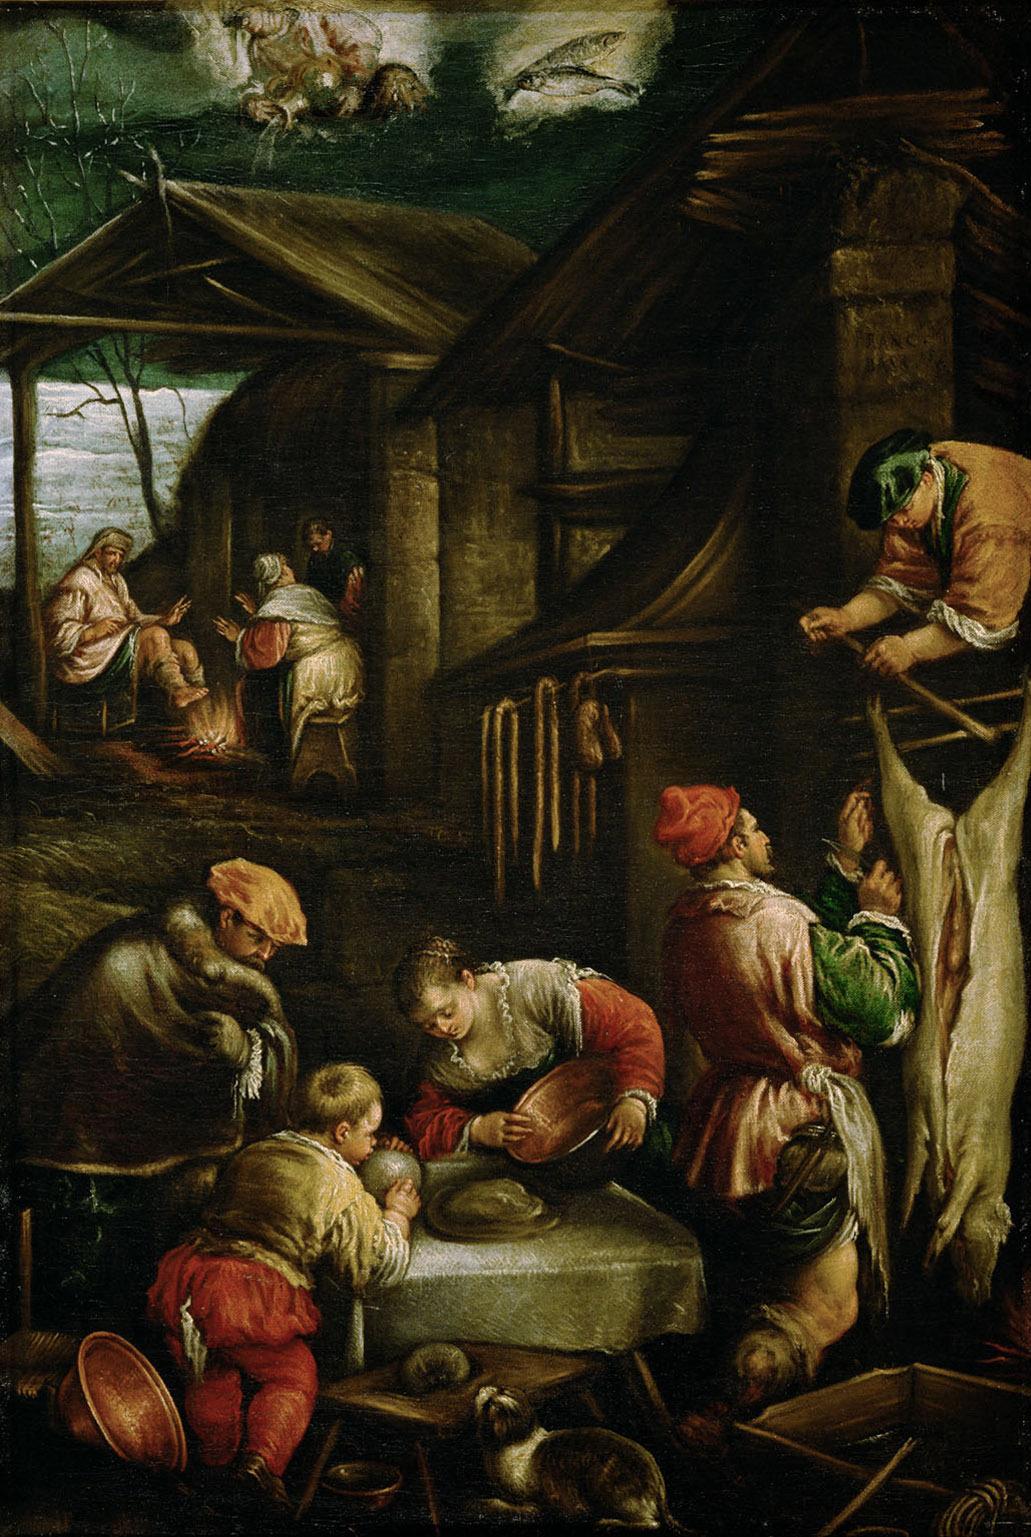 Winter (Schweineschlachten) von Francesco da Ponte, gen. Francesco Bassano